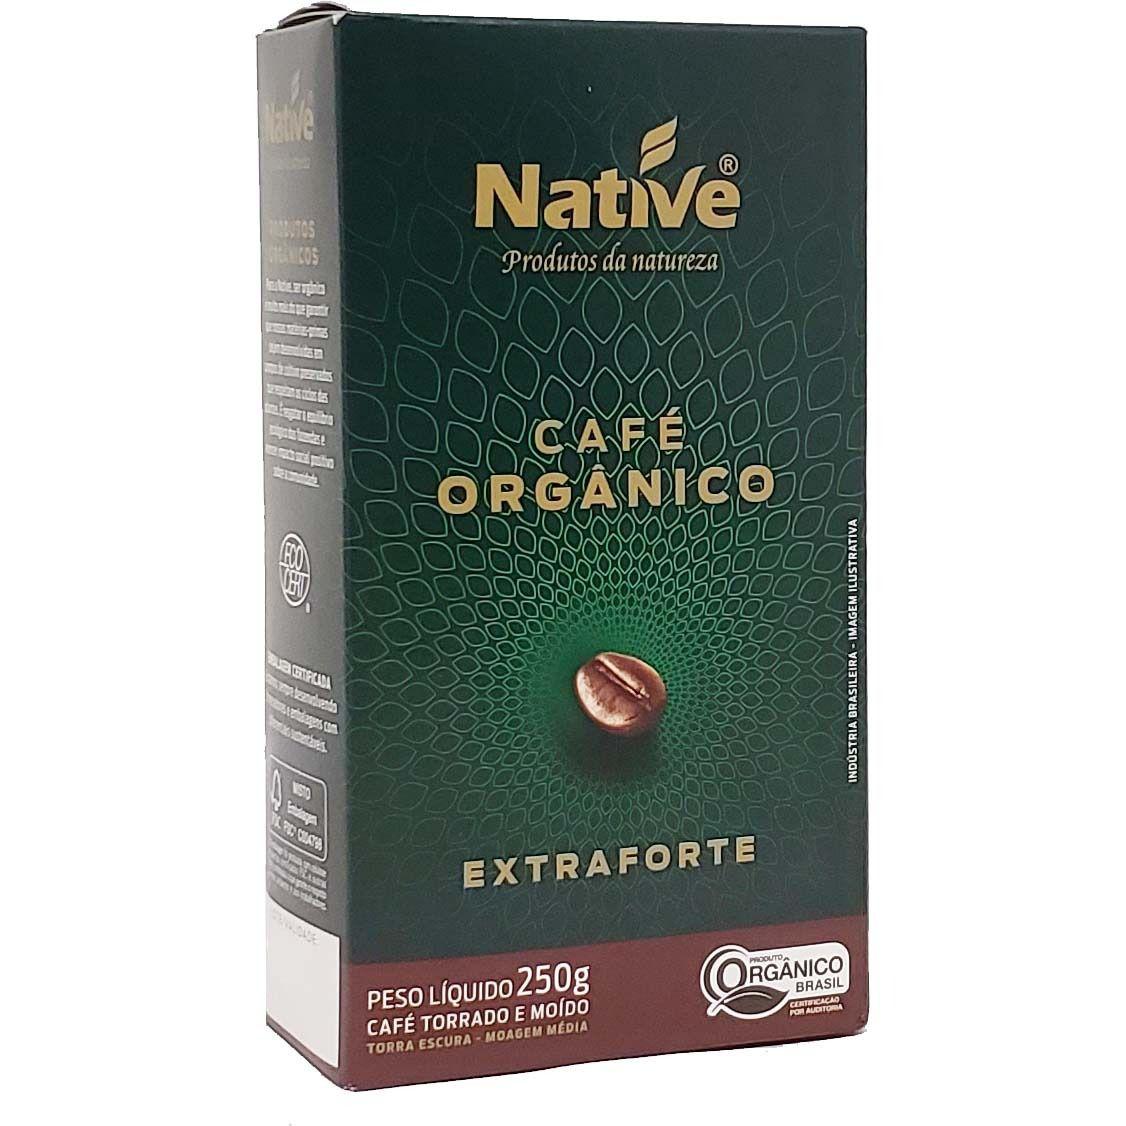 Café Orgânico Extraforte Native - 250g -